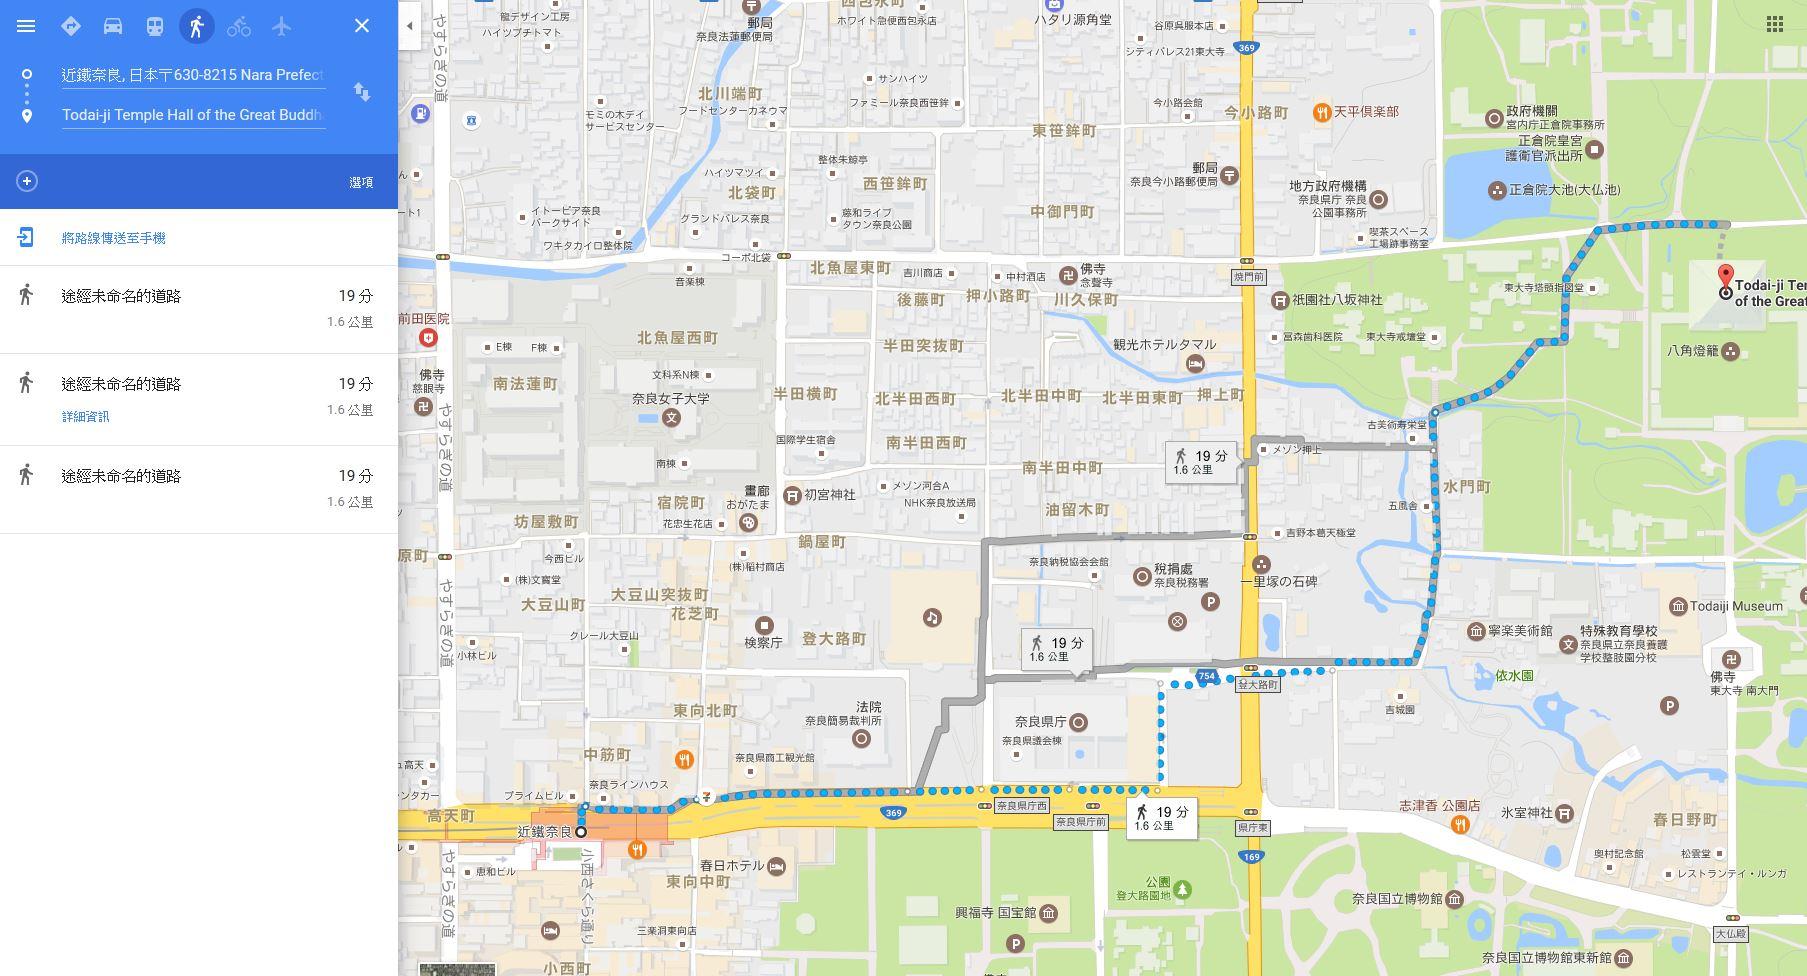 近鐵奈良到東大寺